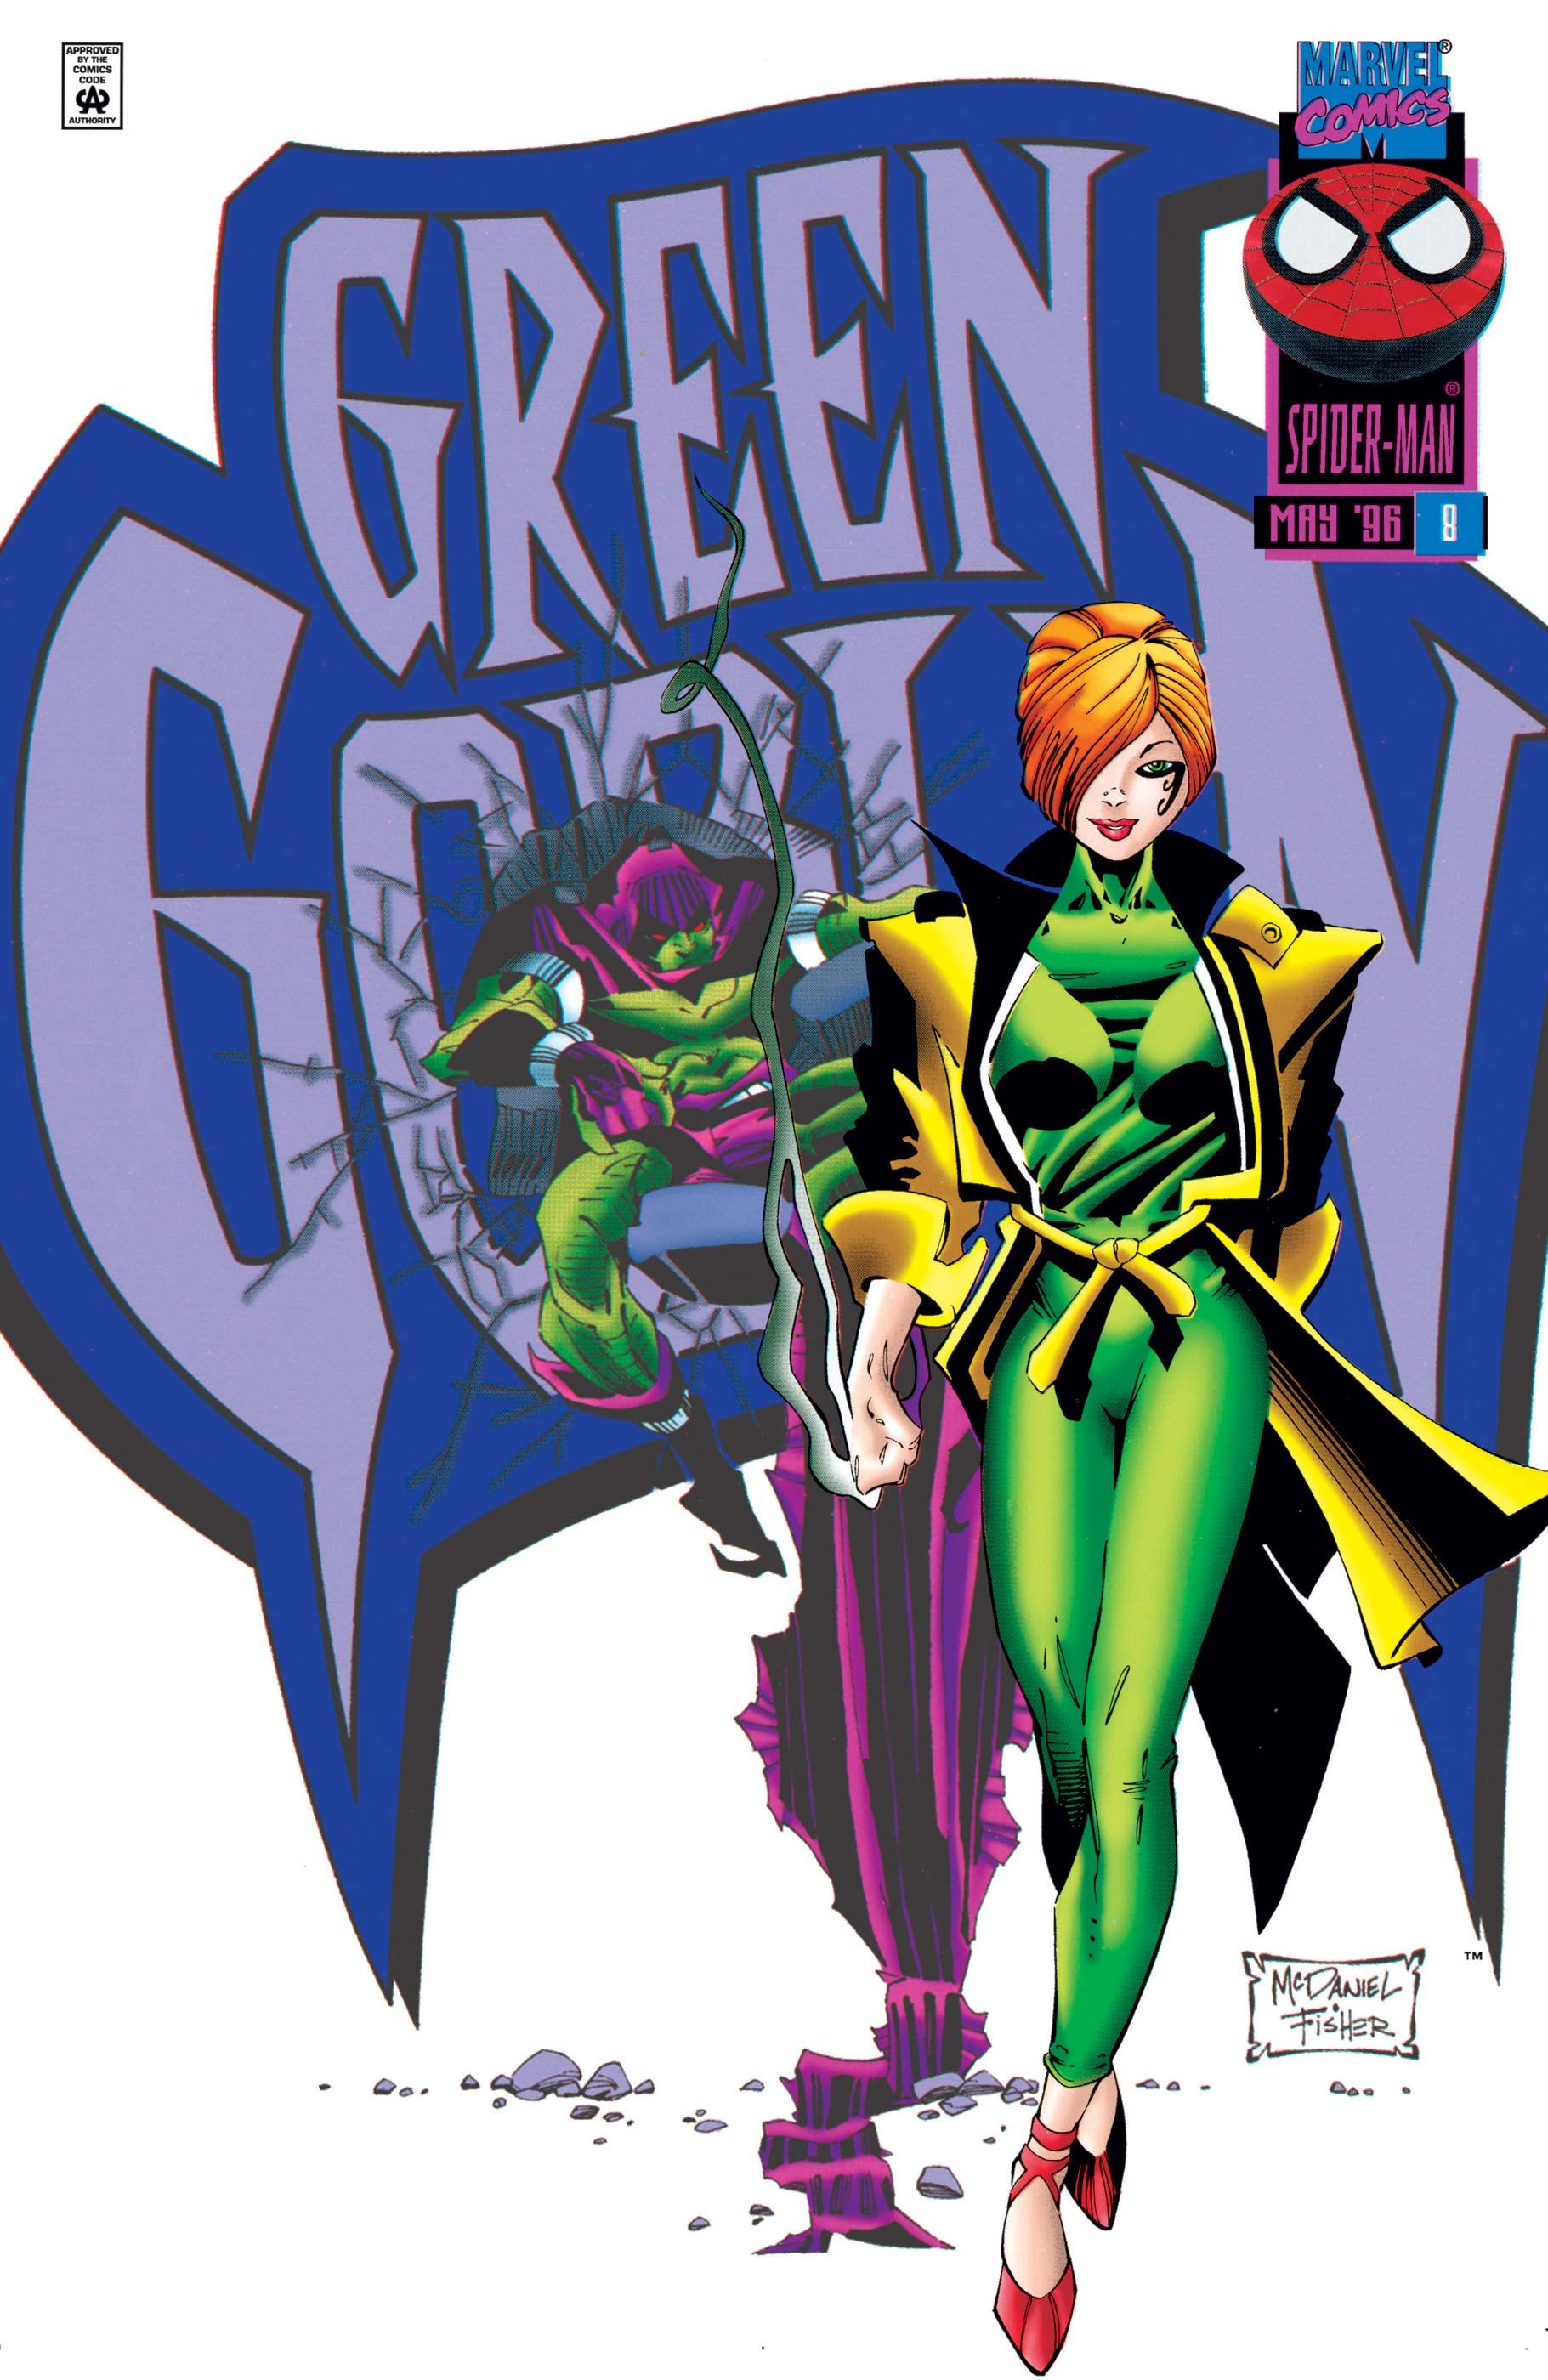 Green Goblin (1995) #8